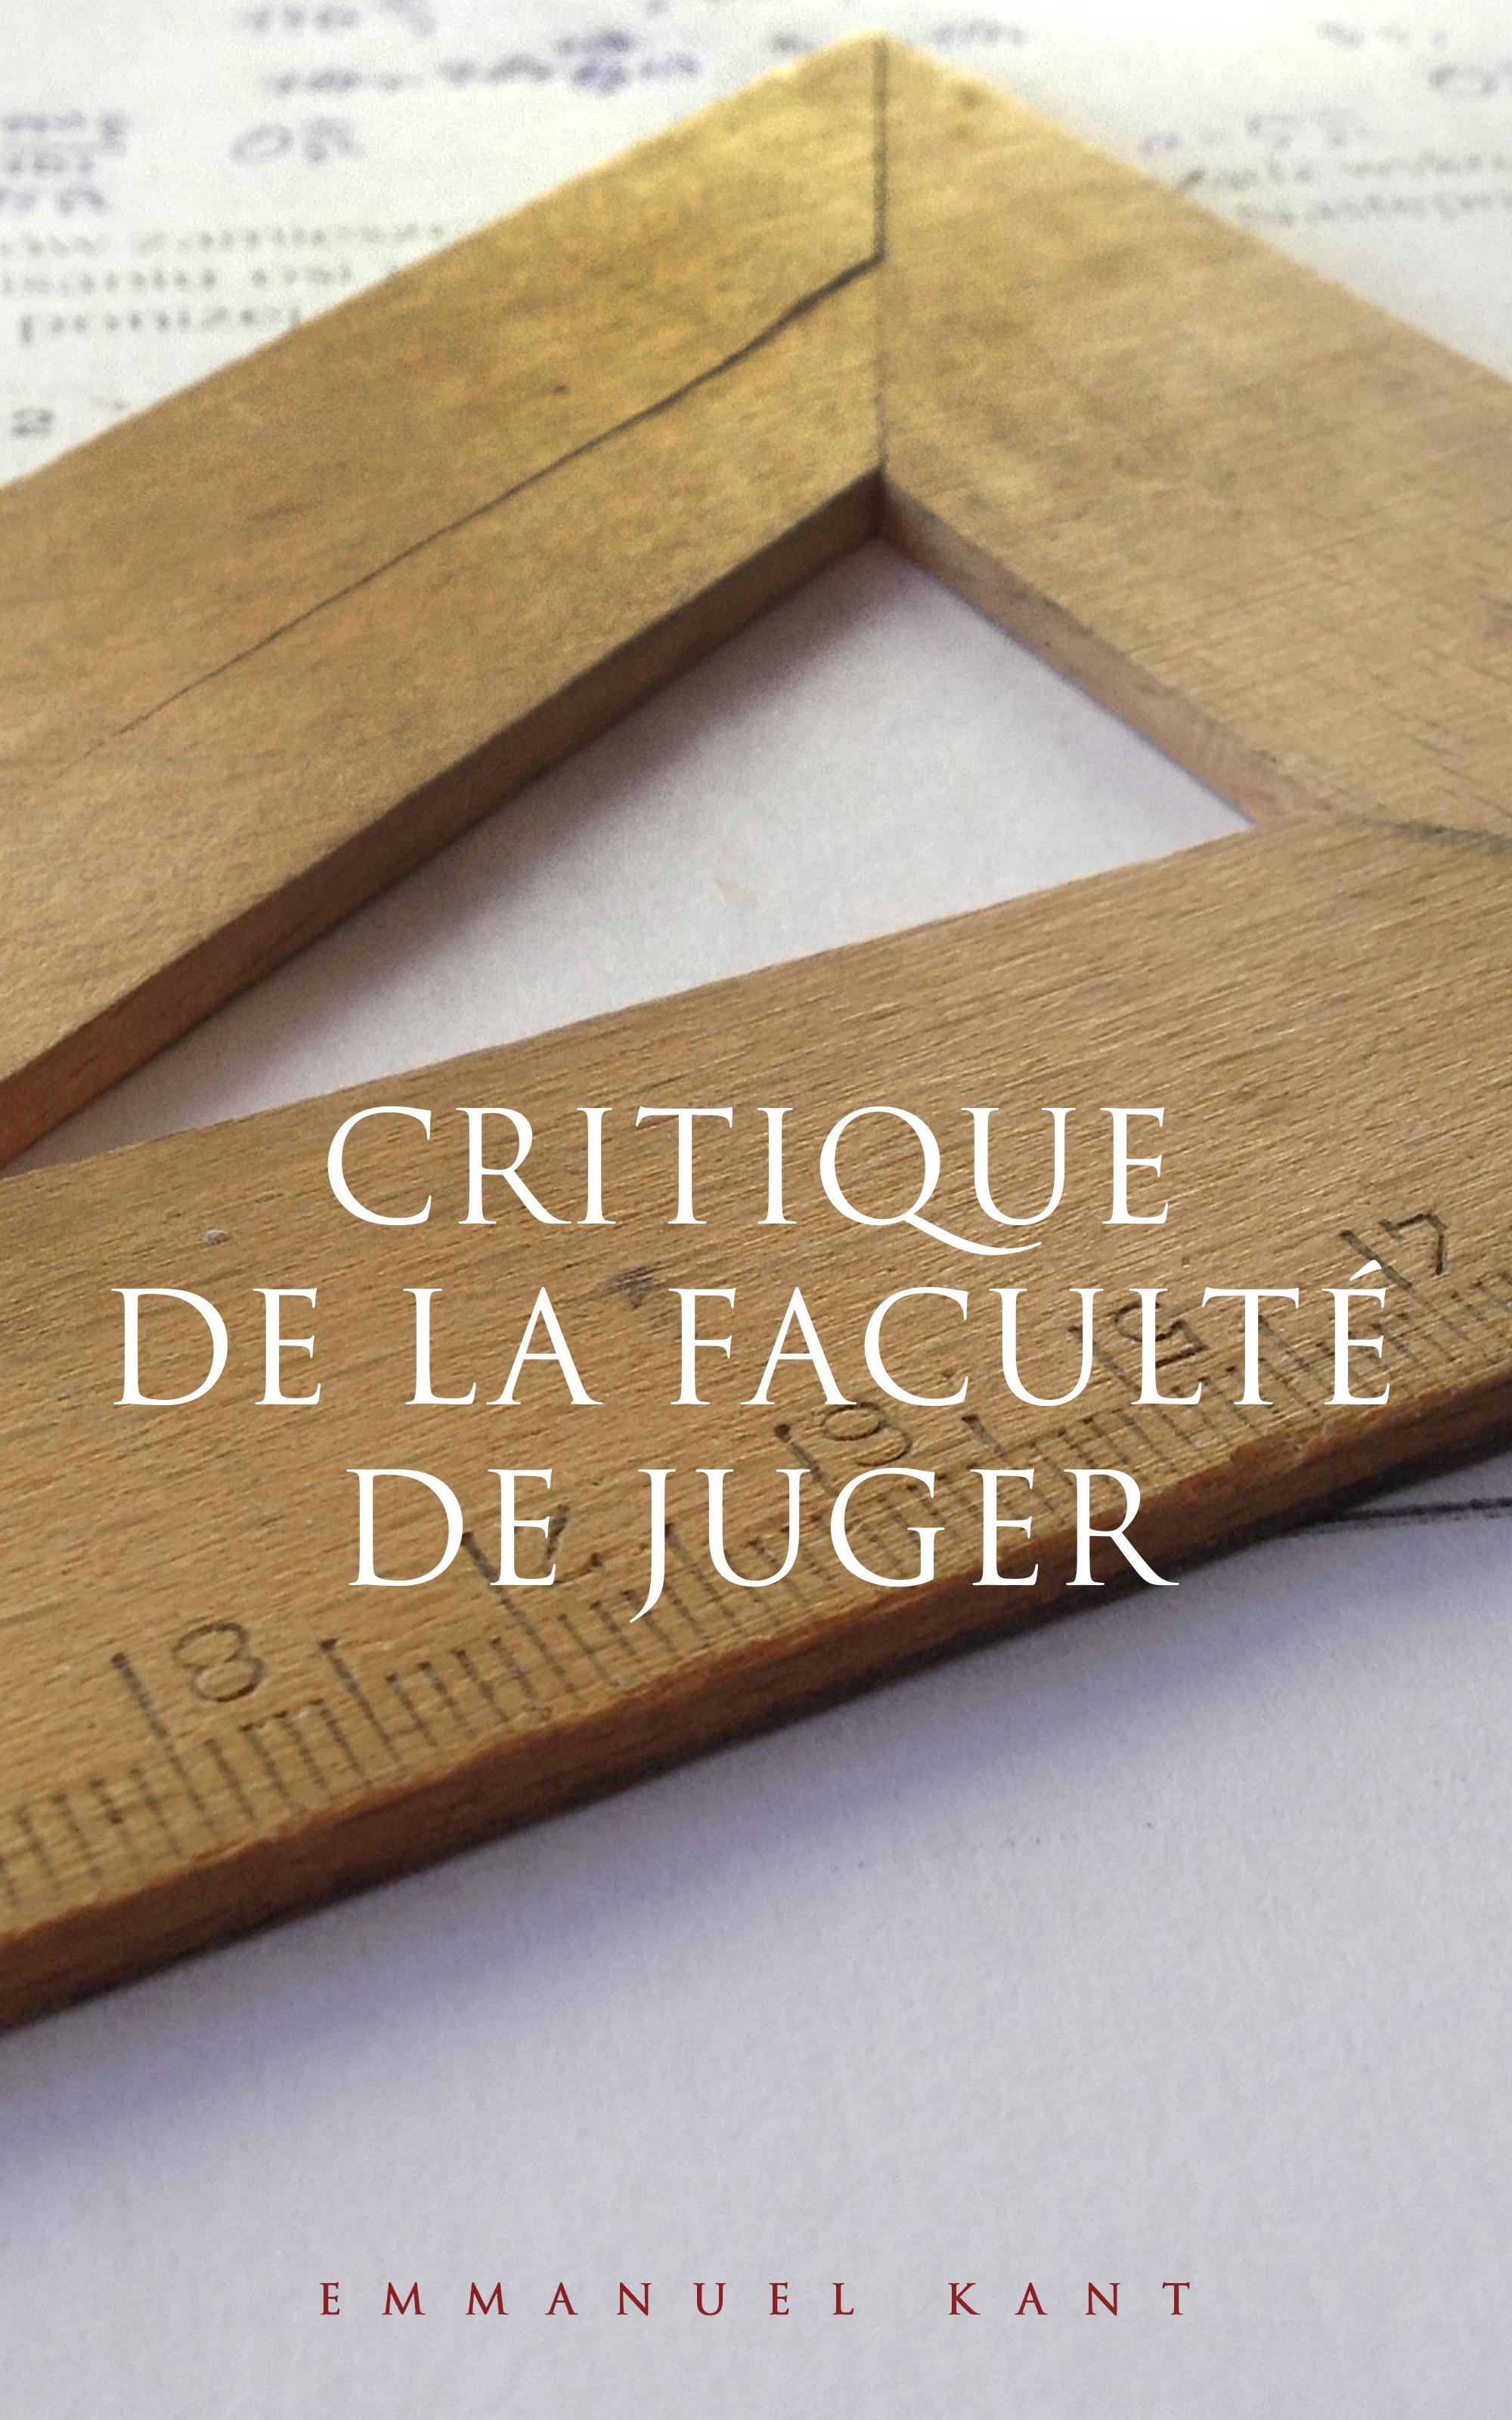 Emmanuel Kant Critique de la faculté de juger on critique